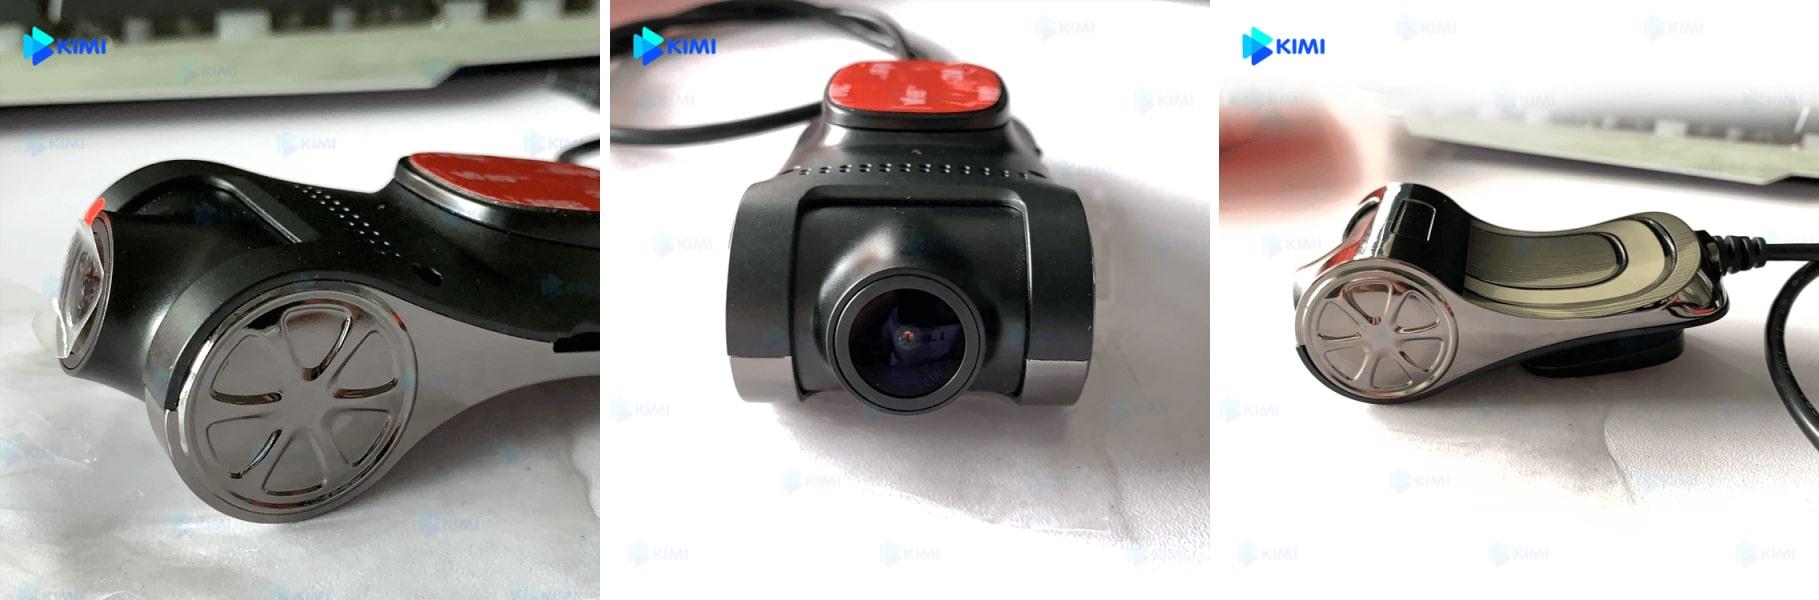 lắp đặt camera hành trình u6 giá rẻ chính hãng tại thành nam gps